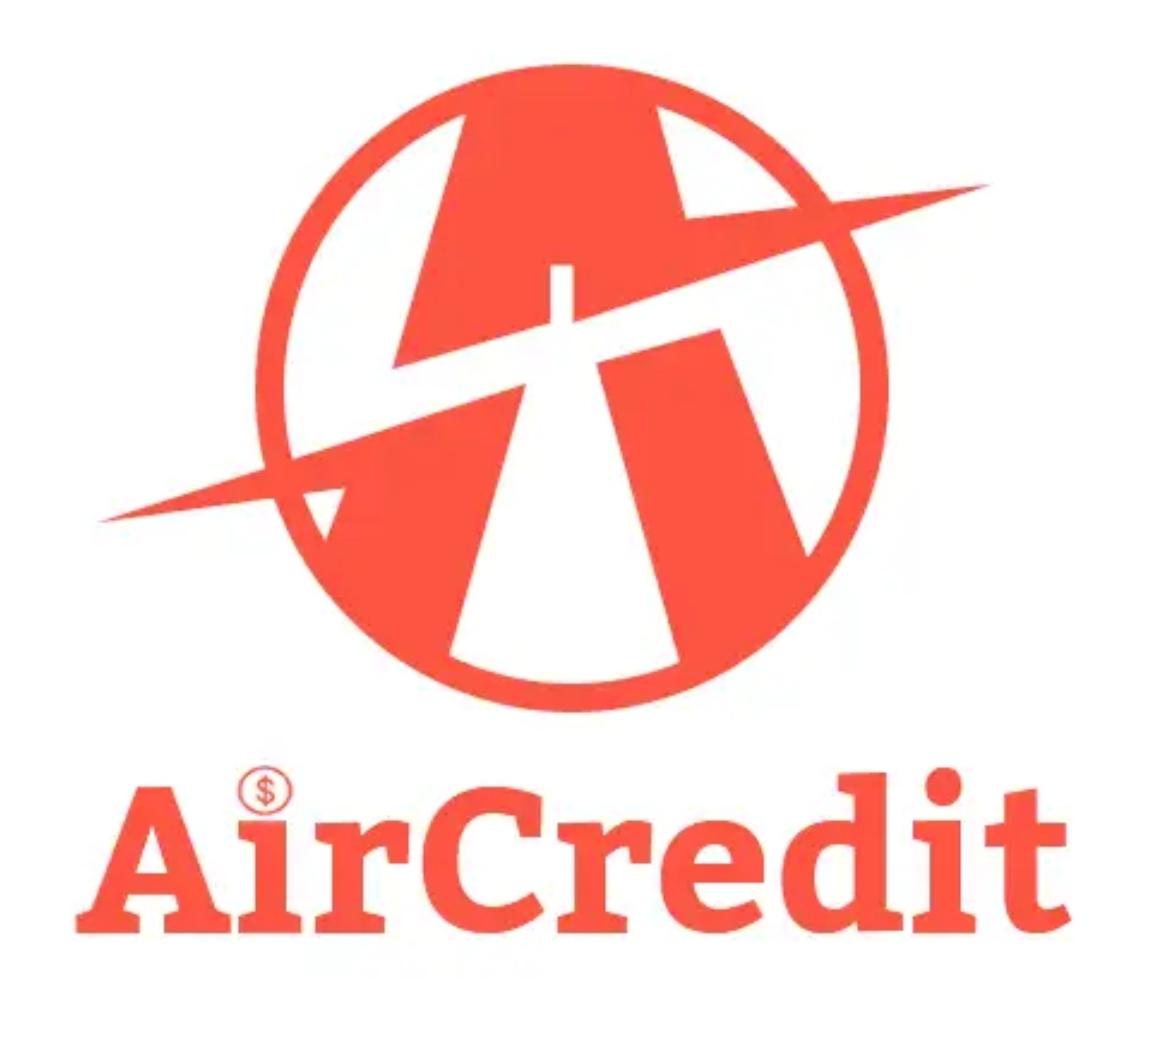 Air Credit loan app